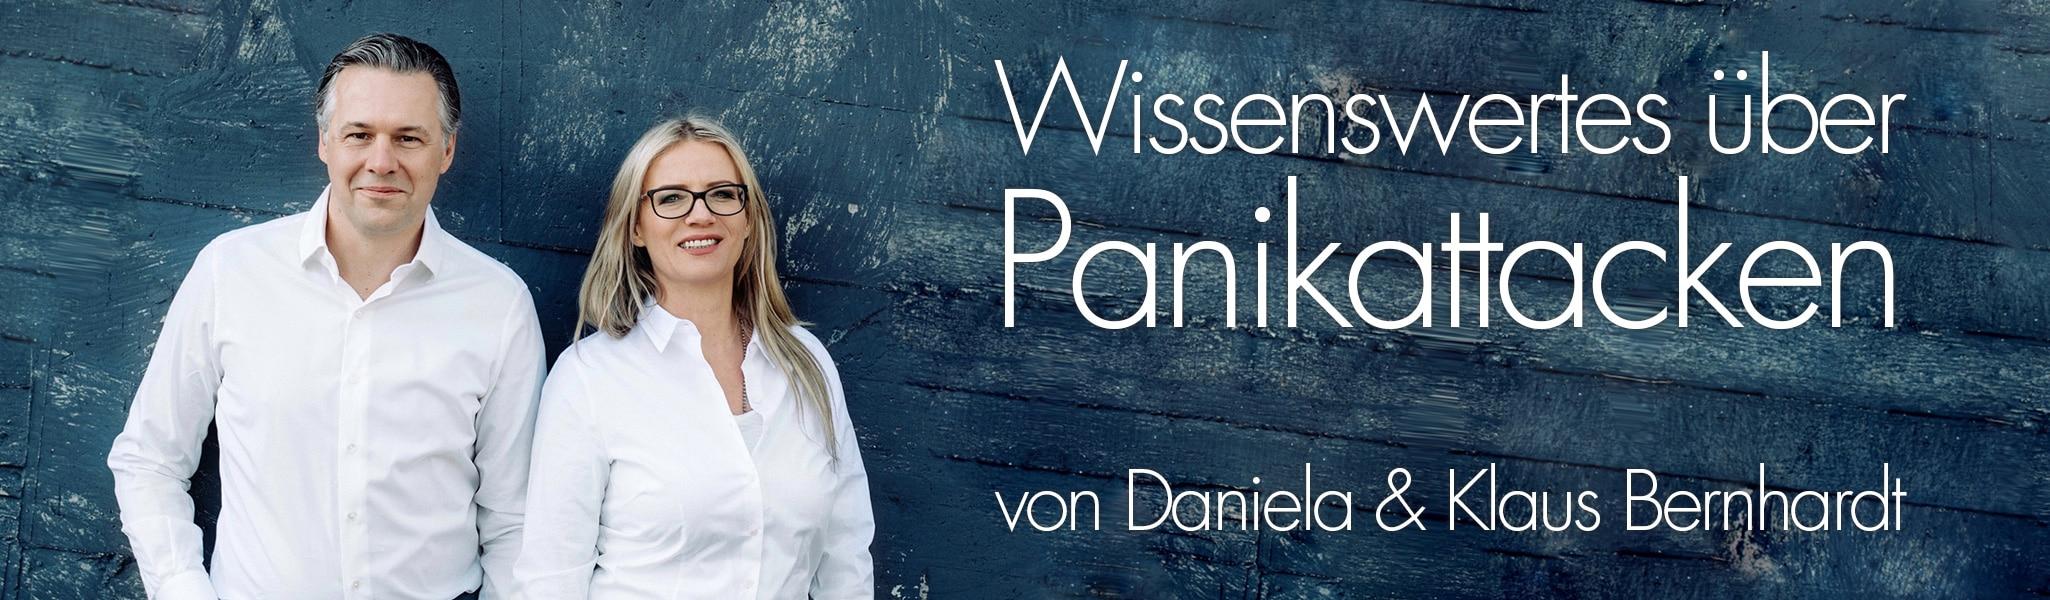 Wissenswertes über Panikattacken - Bild von Daniela und Klaus Bernhardt